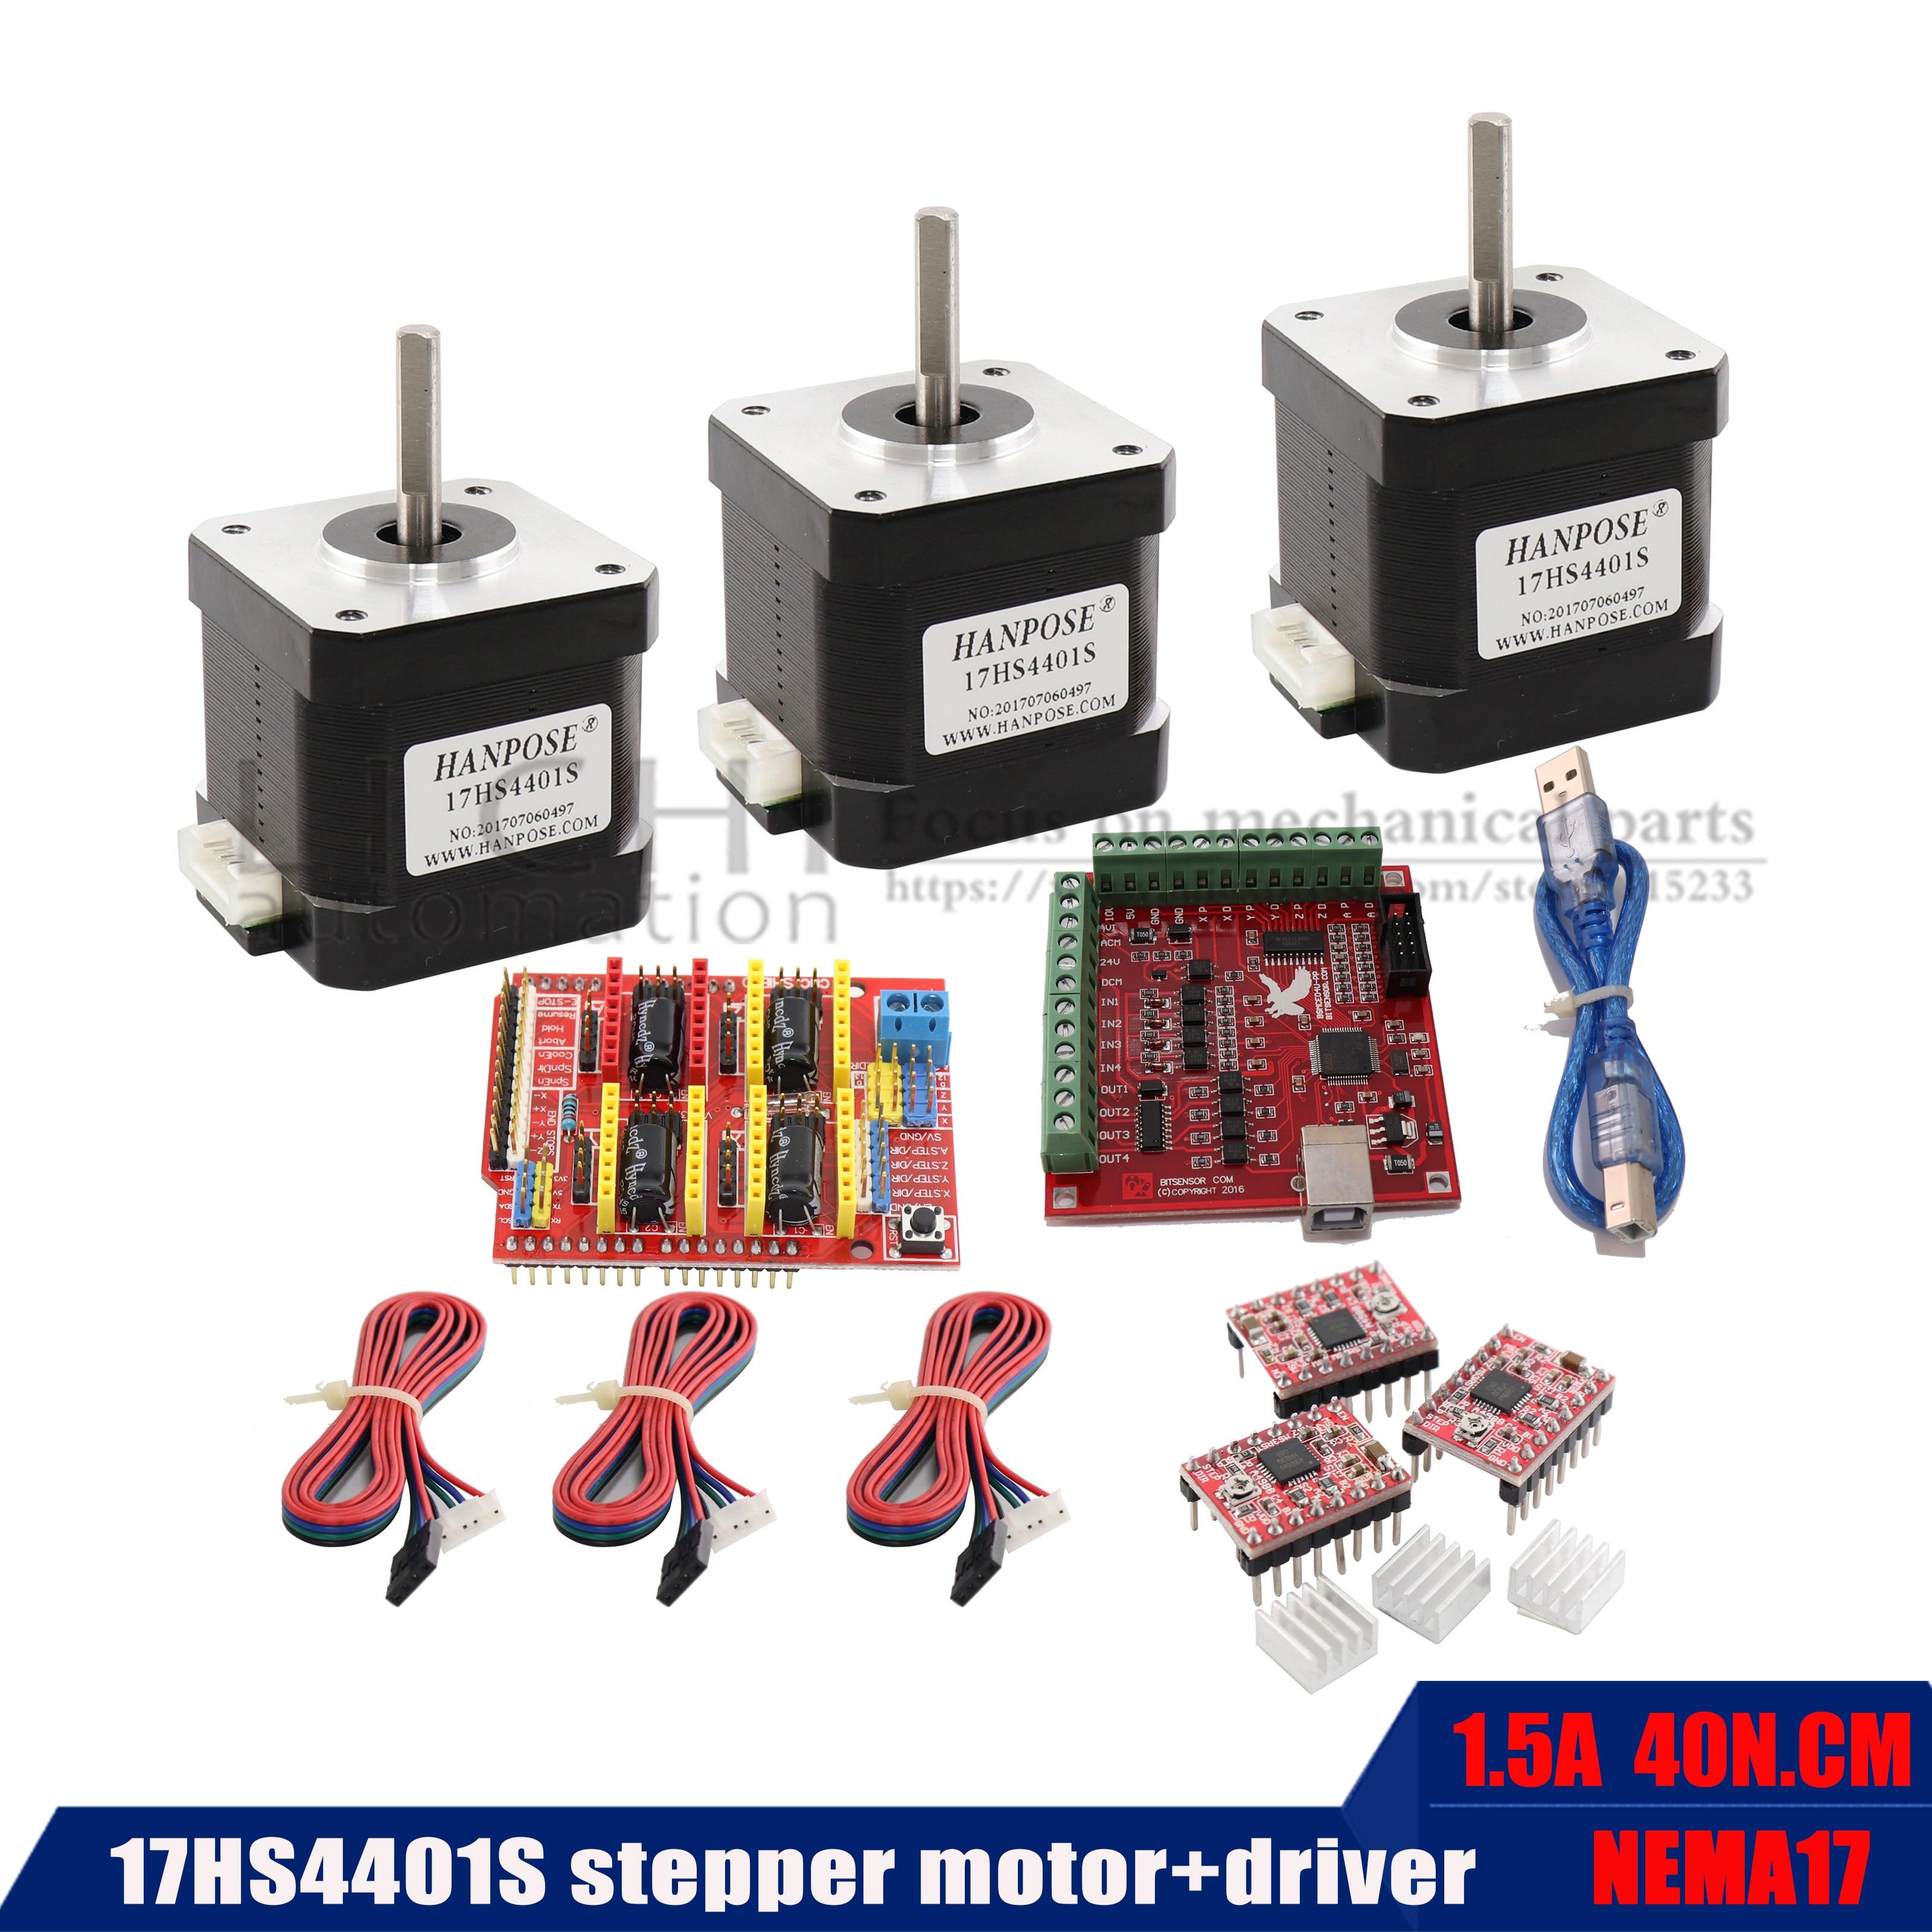 السائر 17HS4401S الجسم 4.0A + USB الطاقة تحكم + 3 قطعة سائق TB6600 3D الطباعة